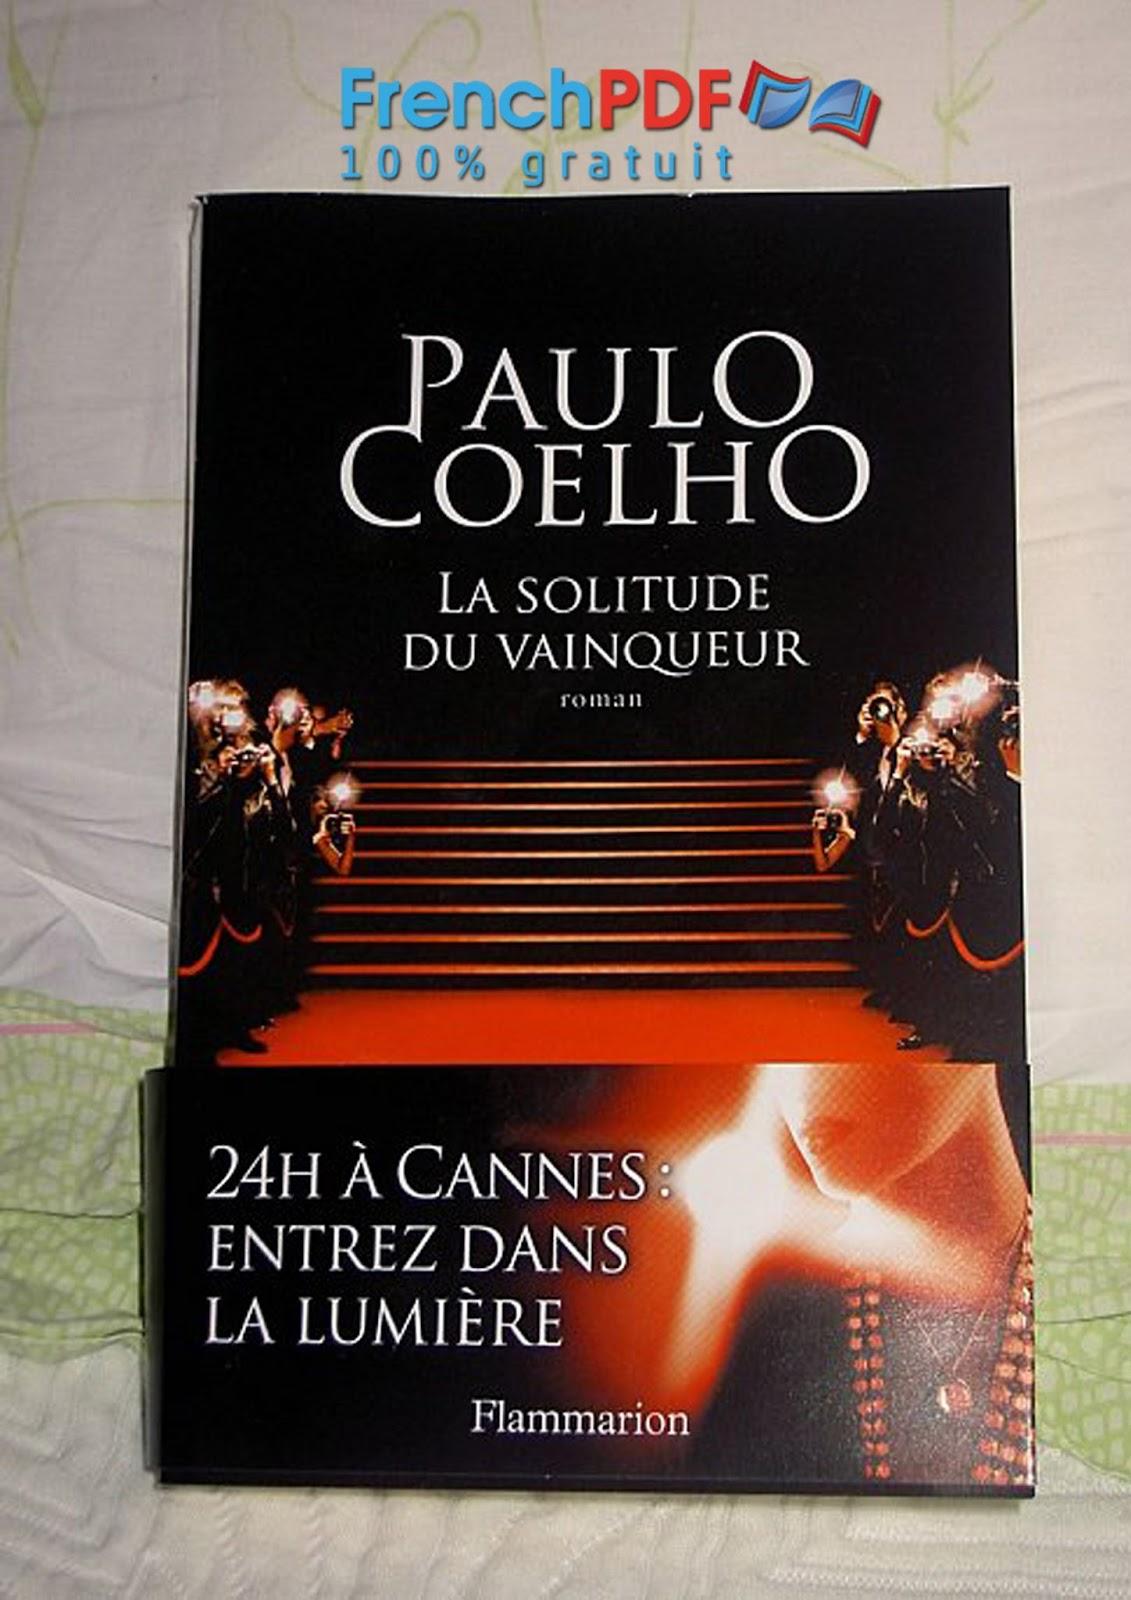 PAULO COELHO DU SOLITUDE VAINQUEUR LA TÉLÉCHARGER